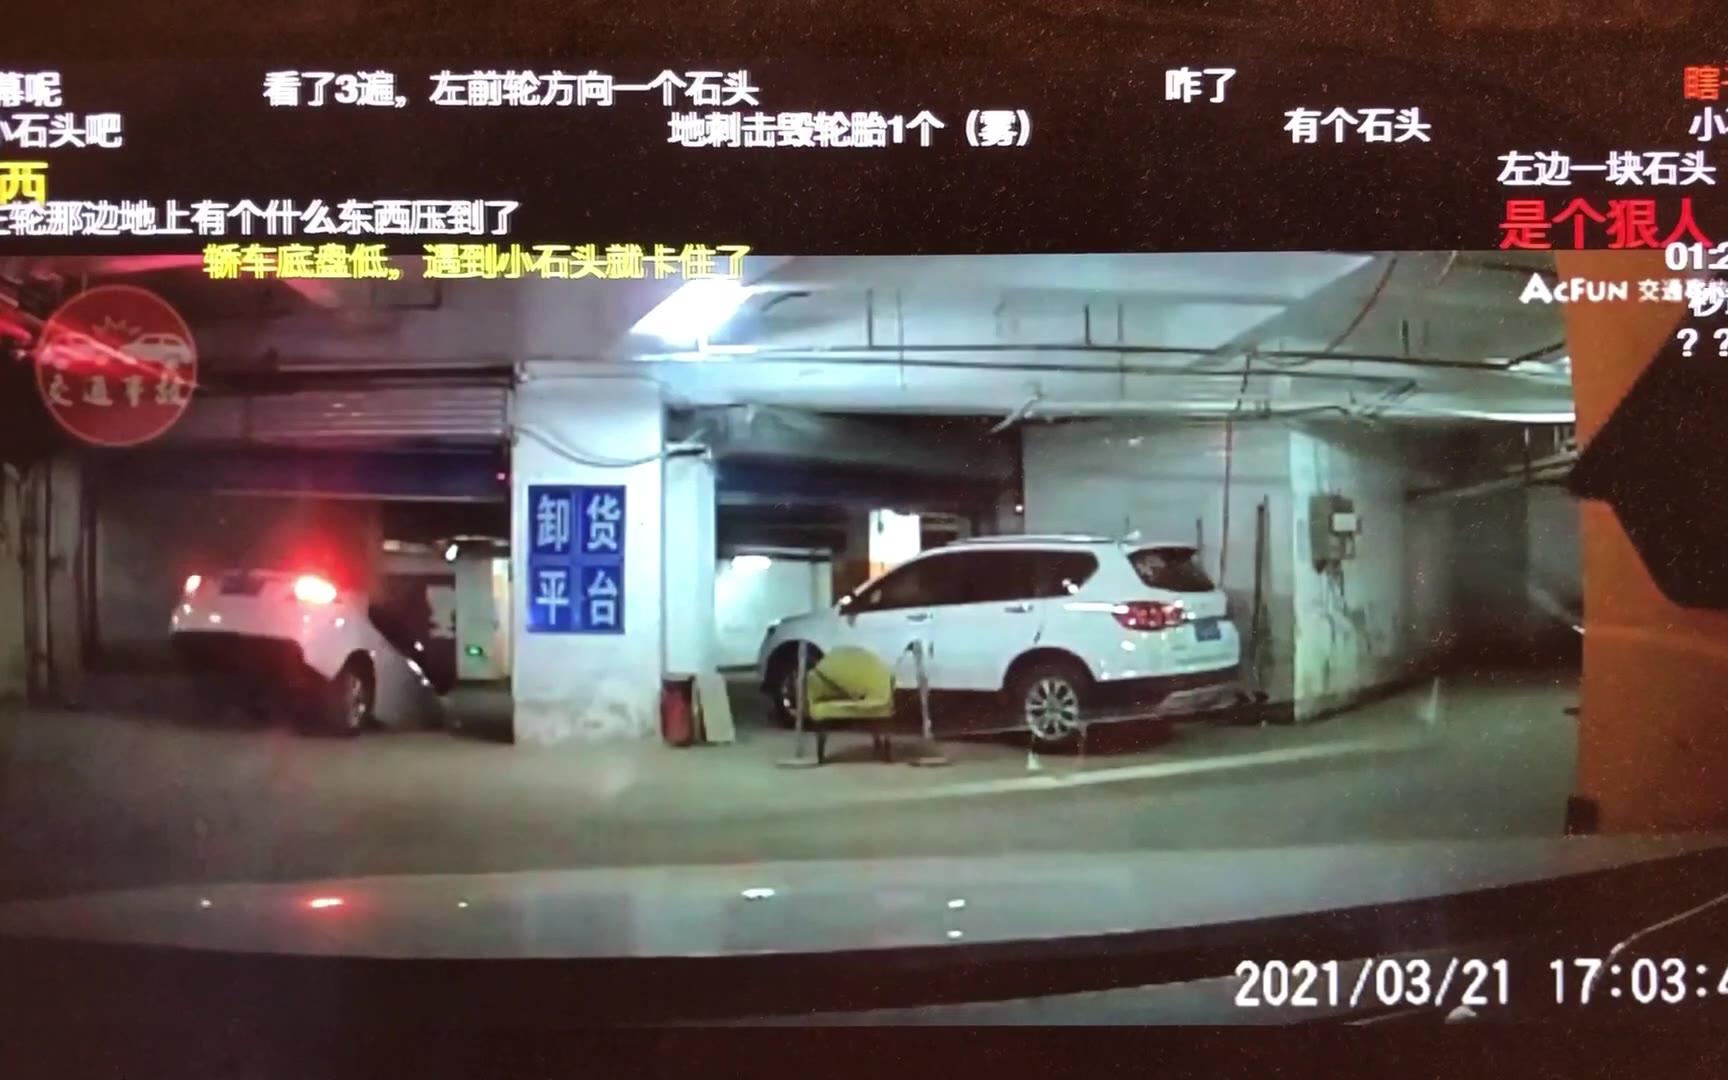 交通事故video中的精彩片段(六)